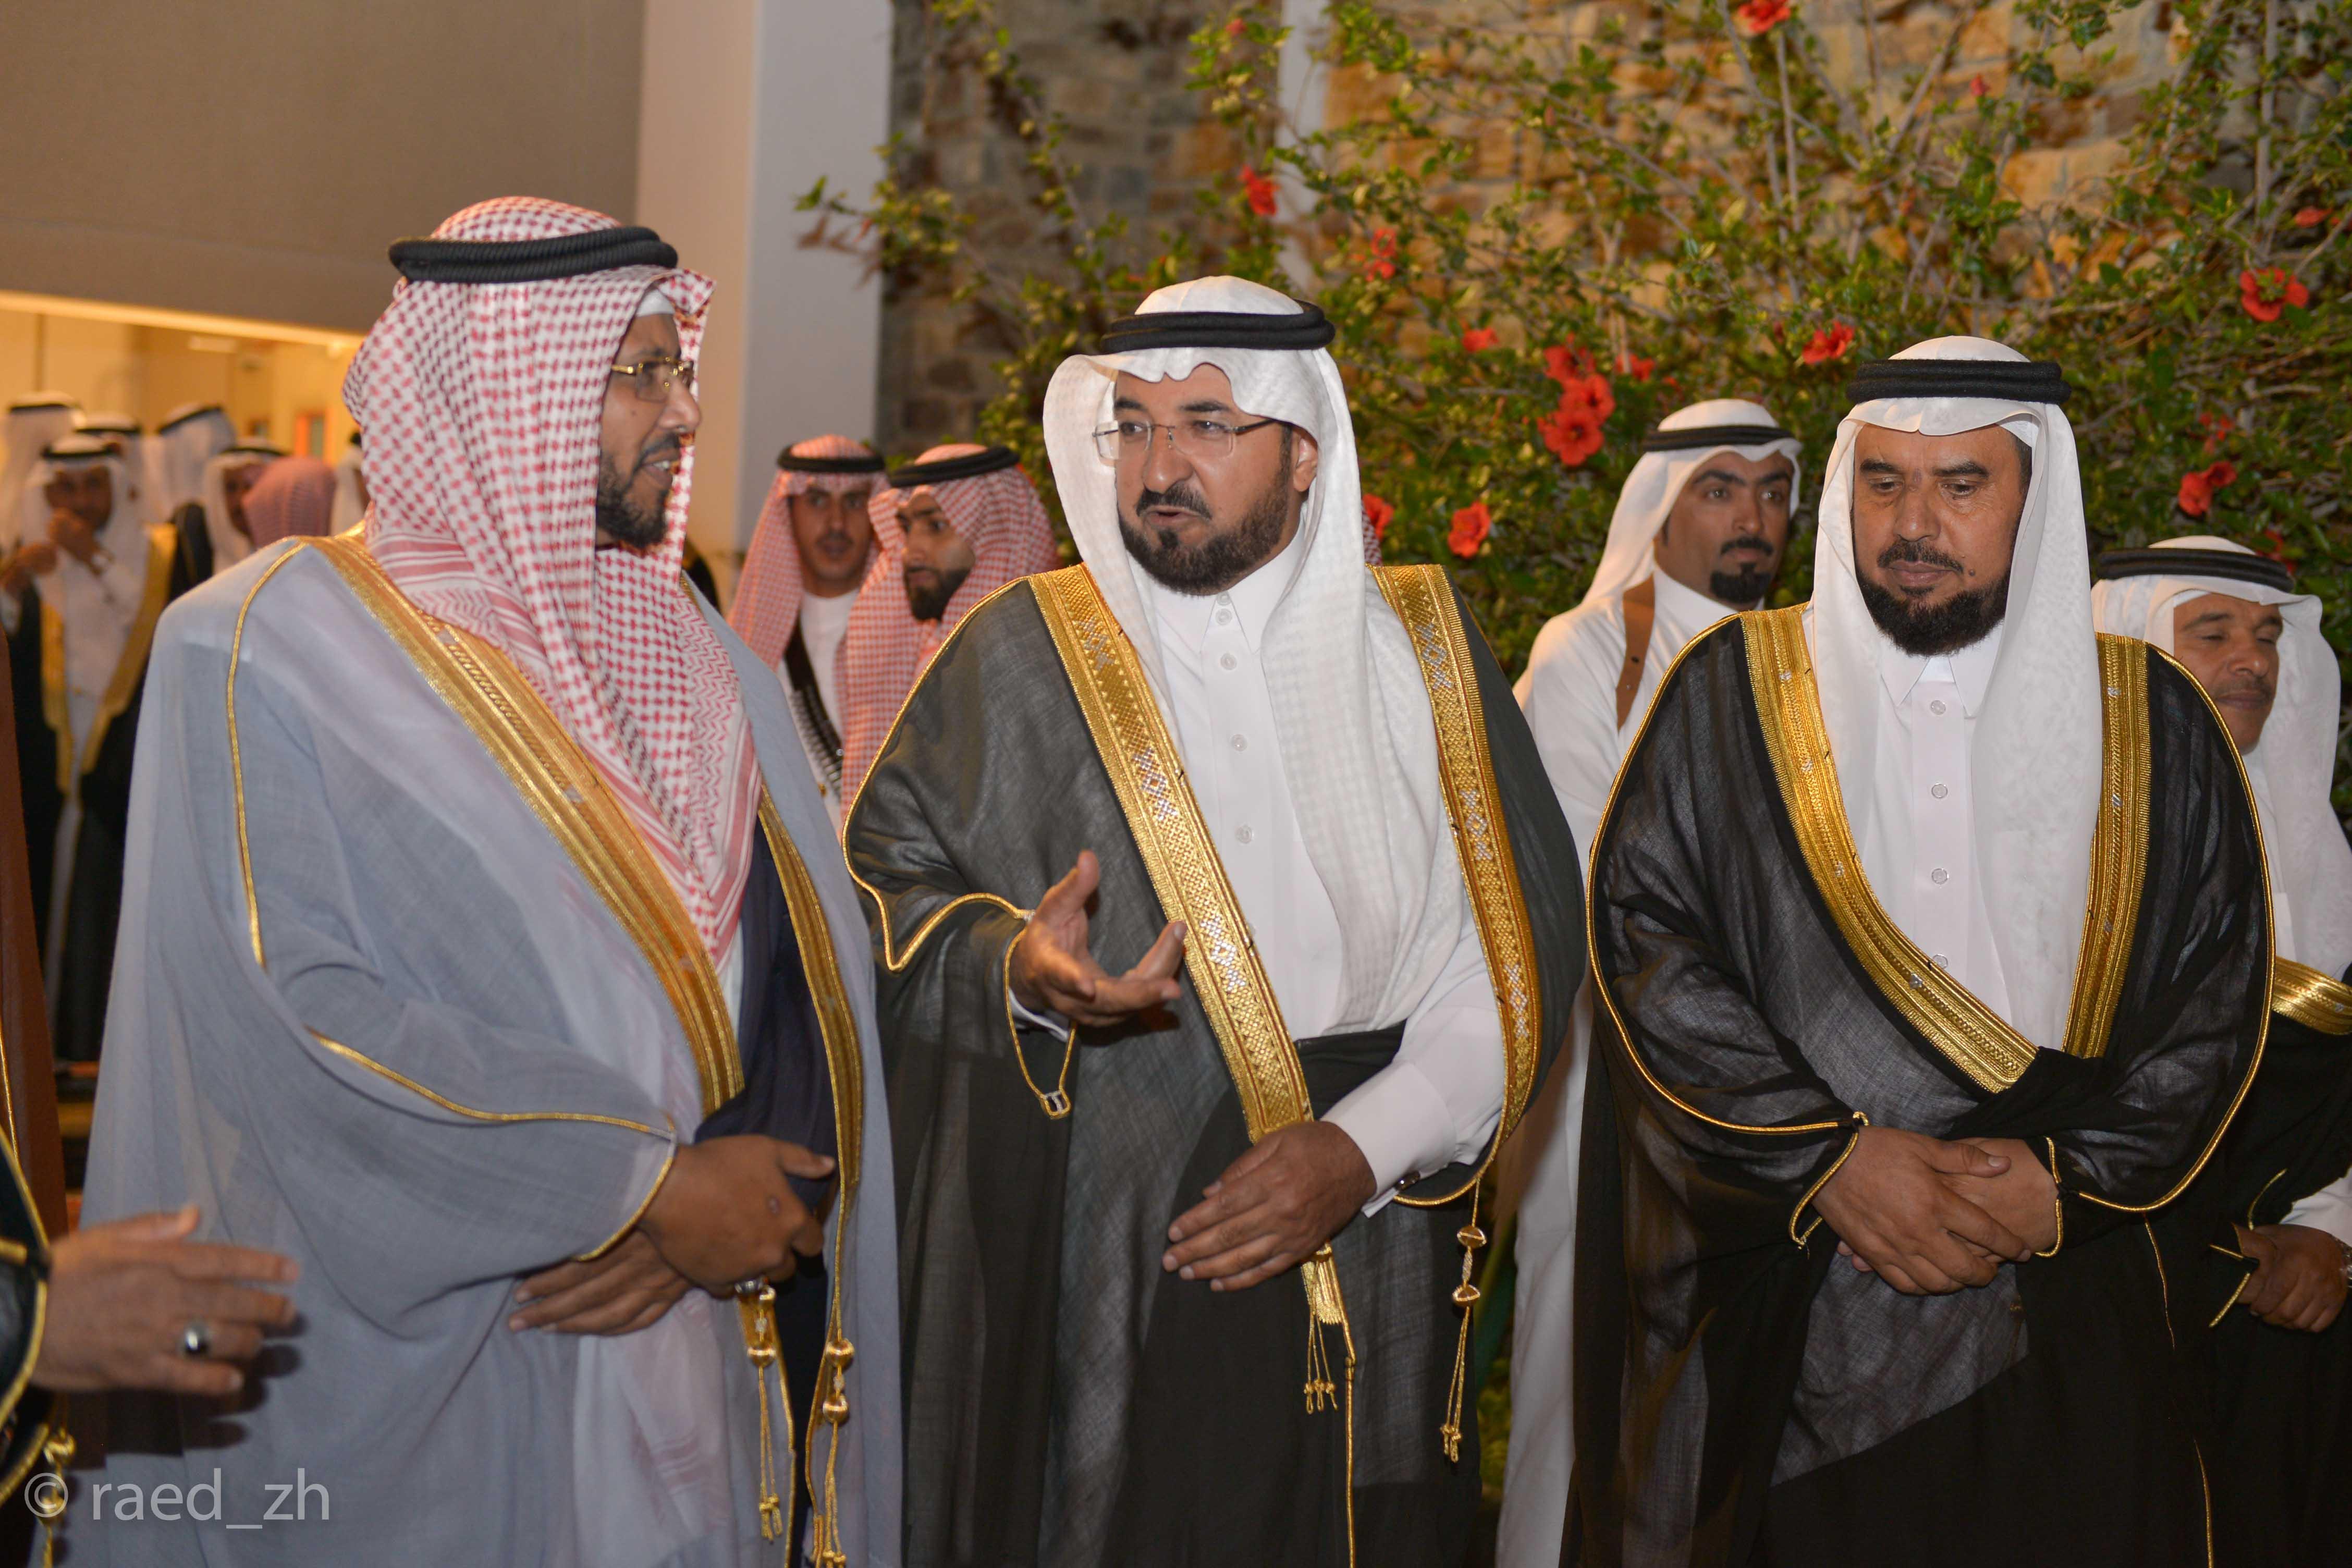 امير الباحة يرعى تخريج الدفعة العاشرة من طلاب وطالبات جامعة الباحة (4)